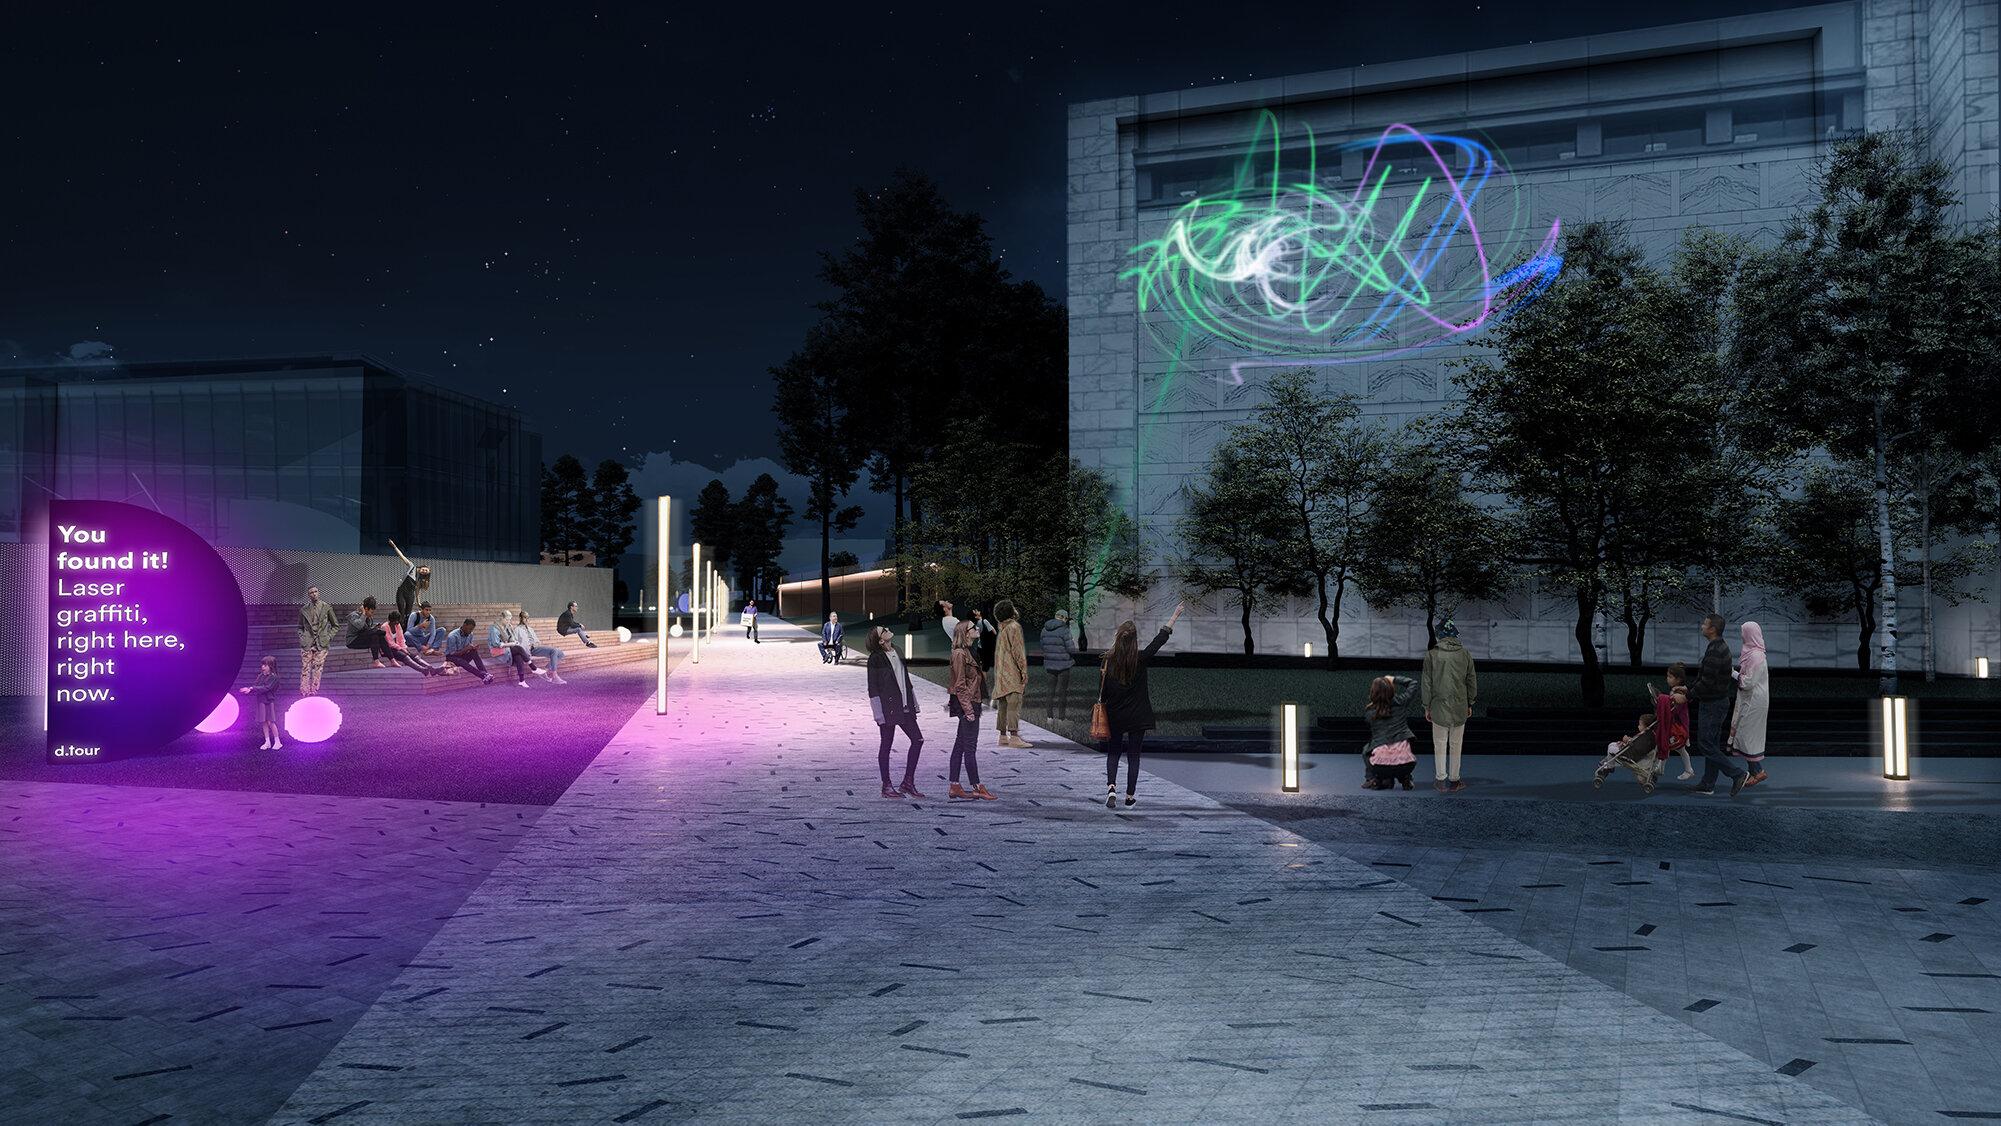 9_Graffiti Wall_Night.jpg